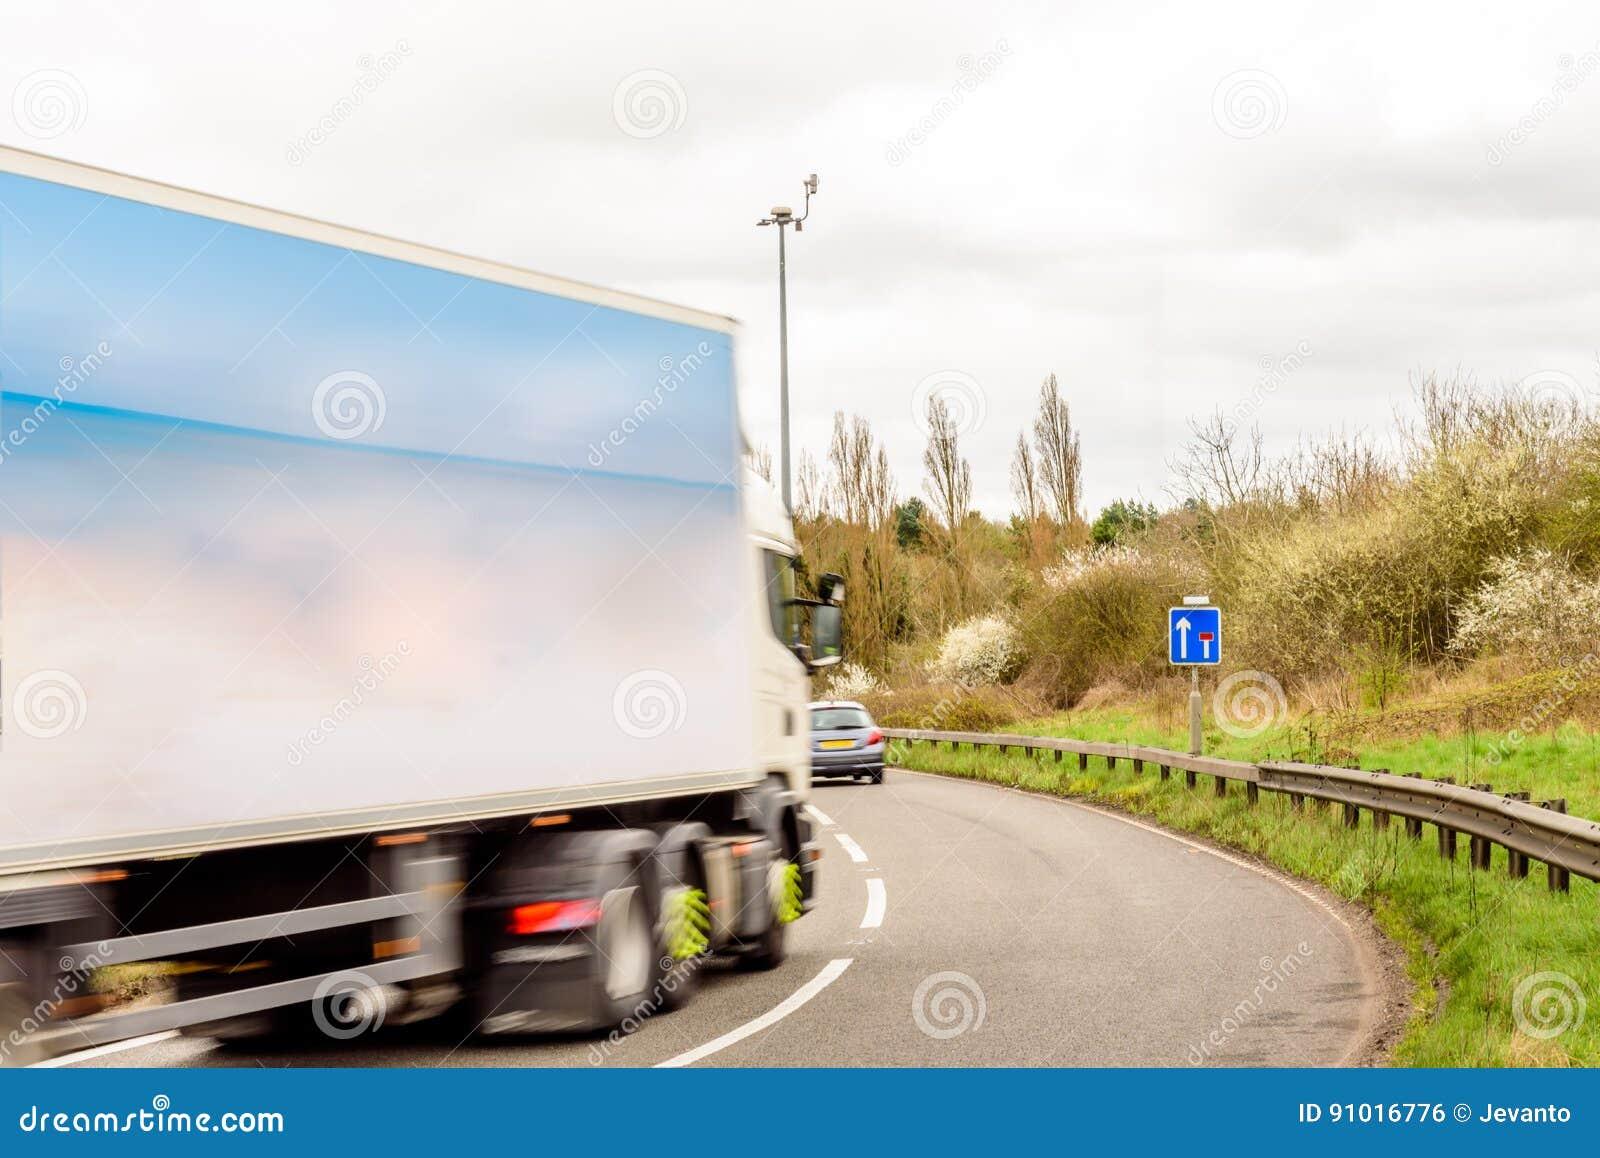 天英国机动车路路标卡车卡车视图背景